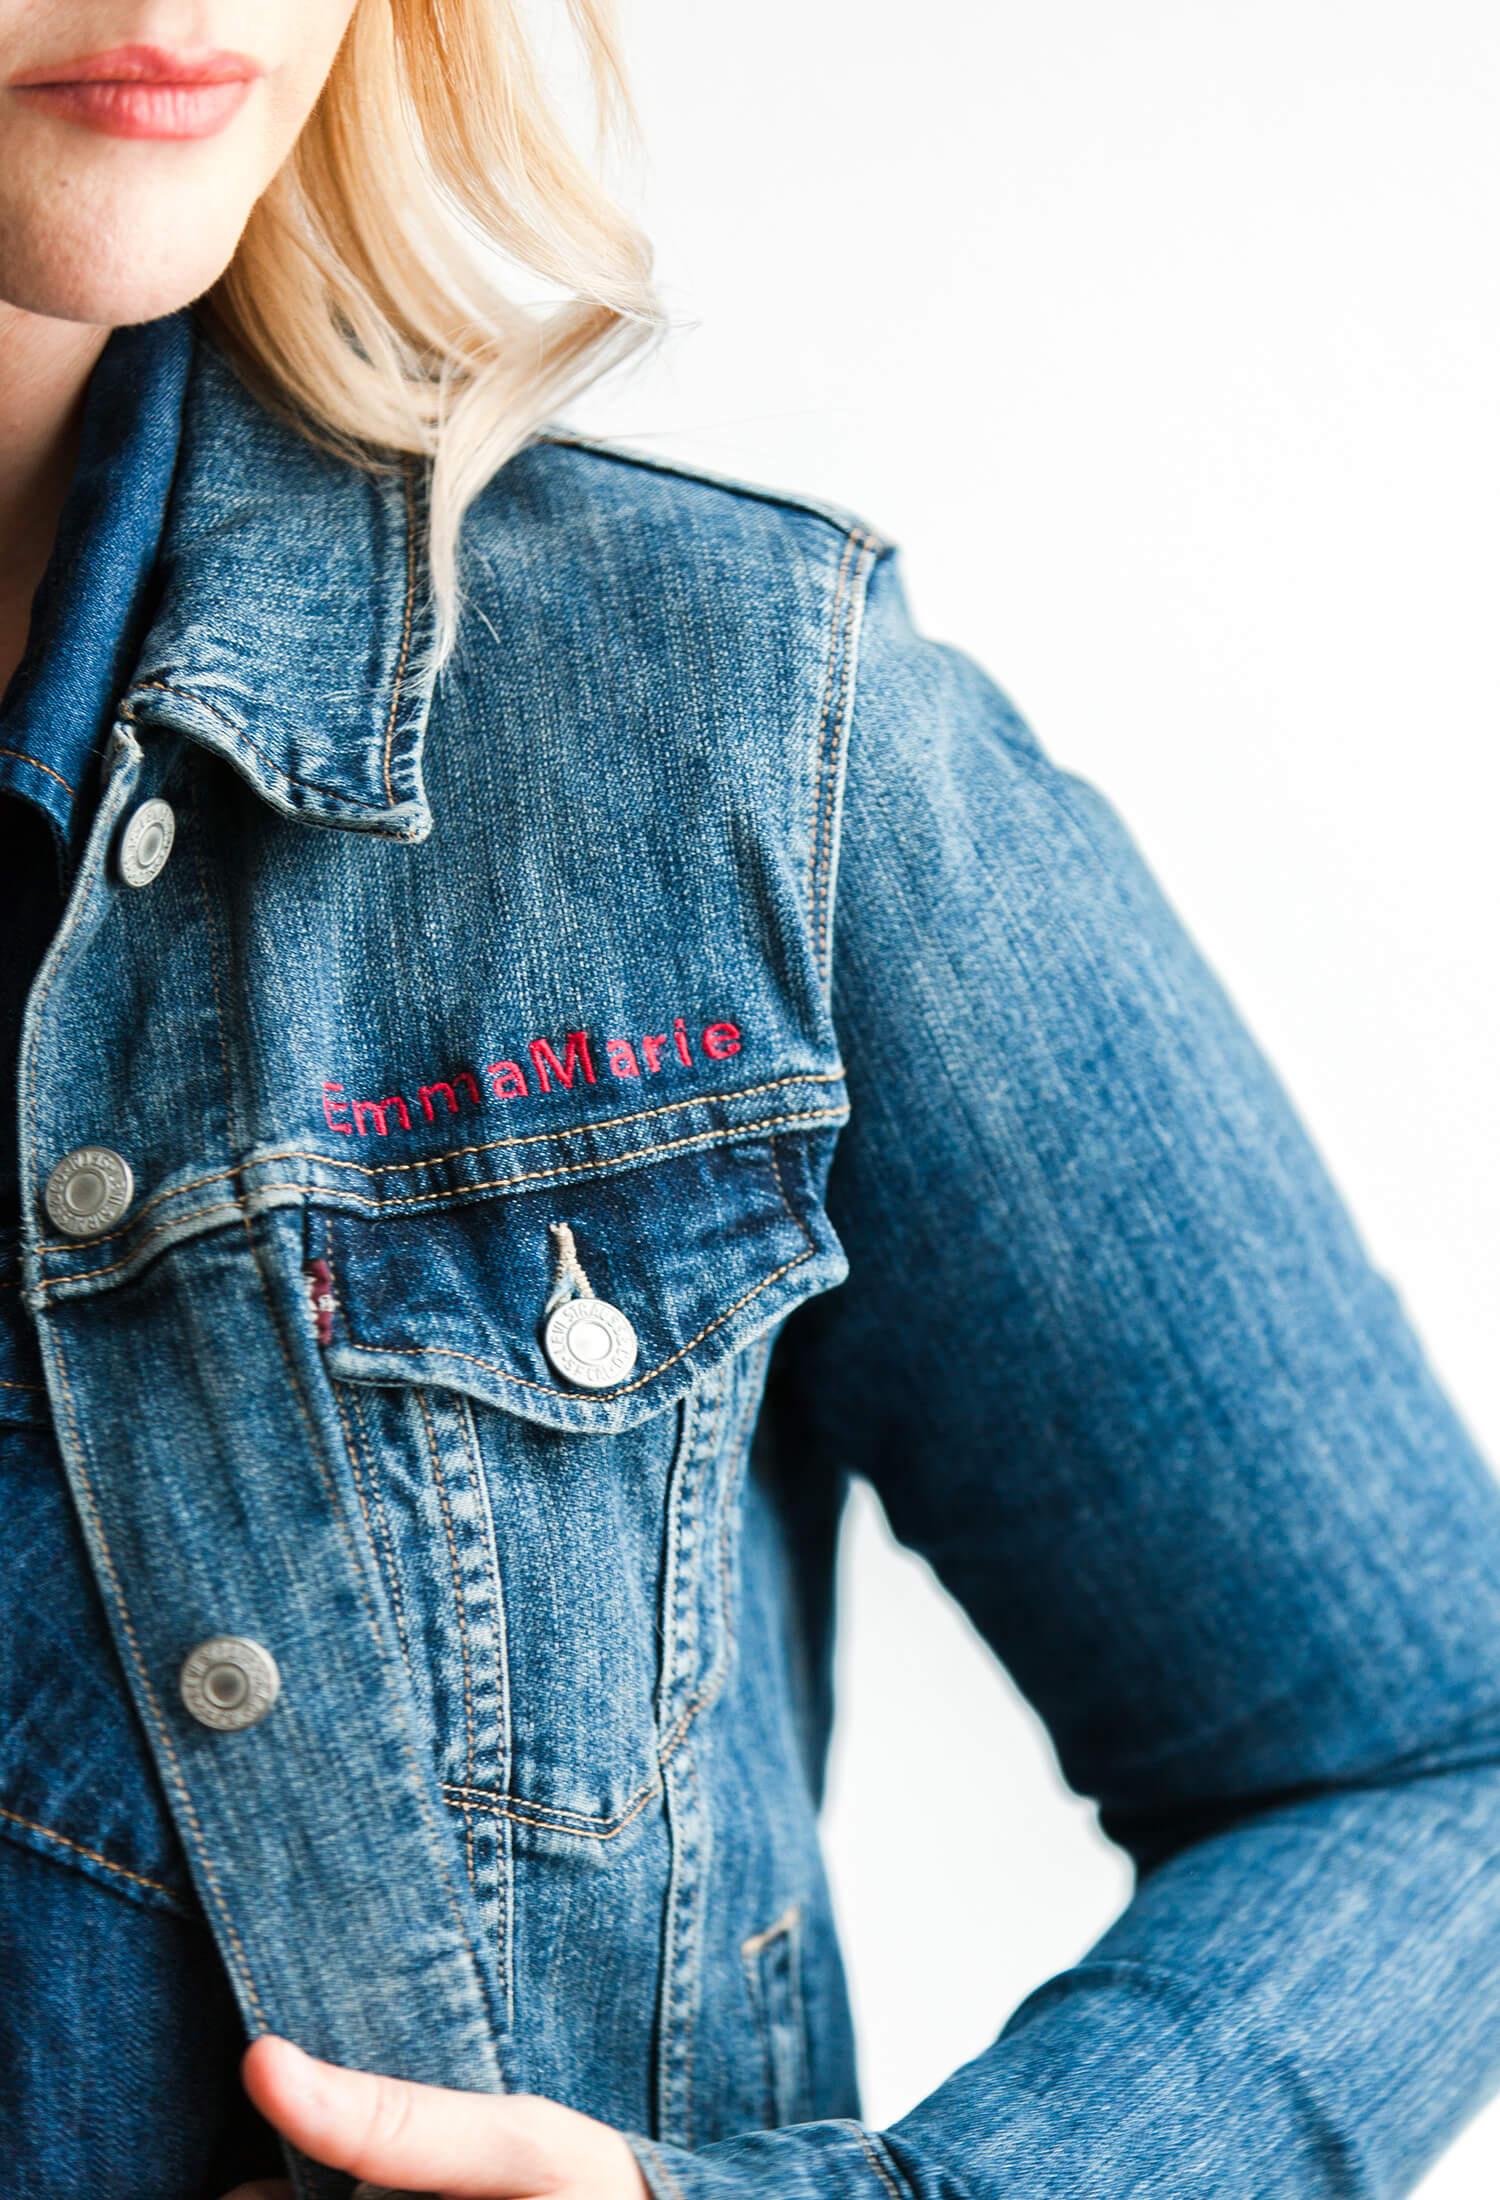 DIY embroidered denim jacket close up